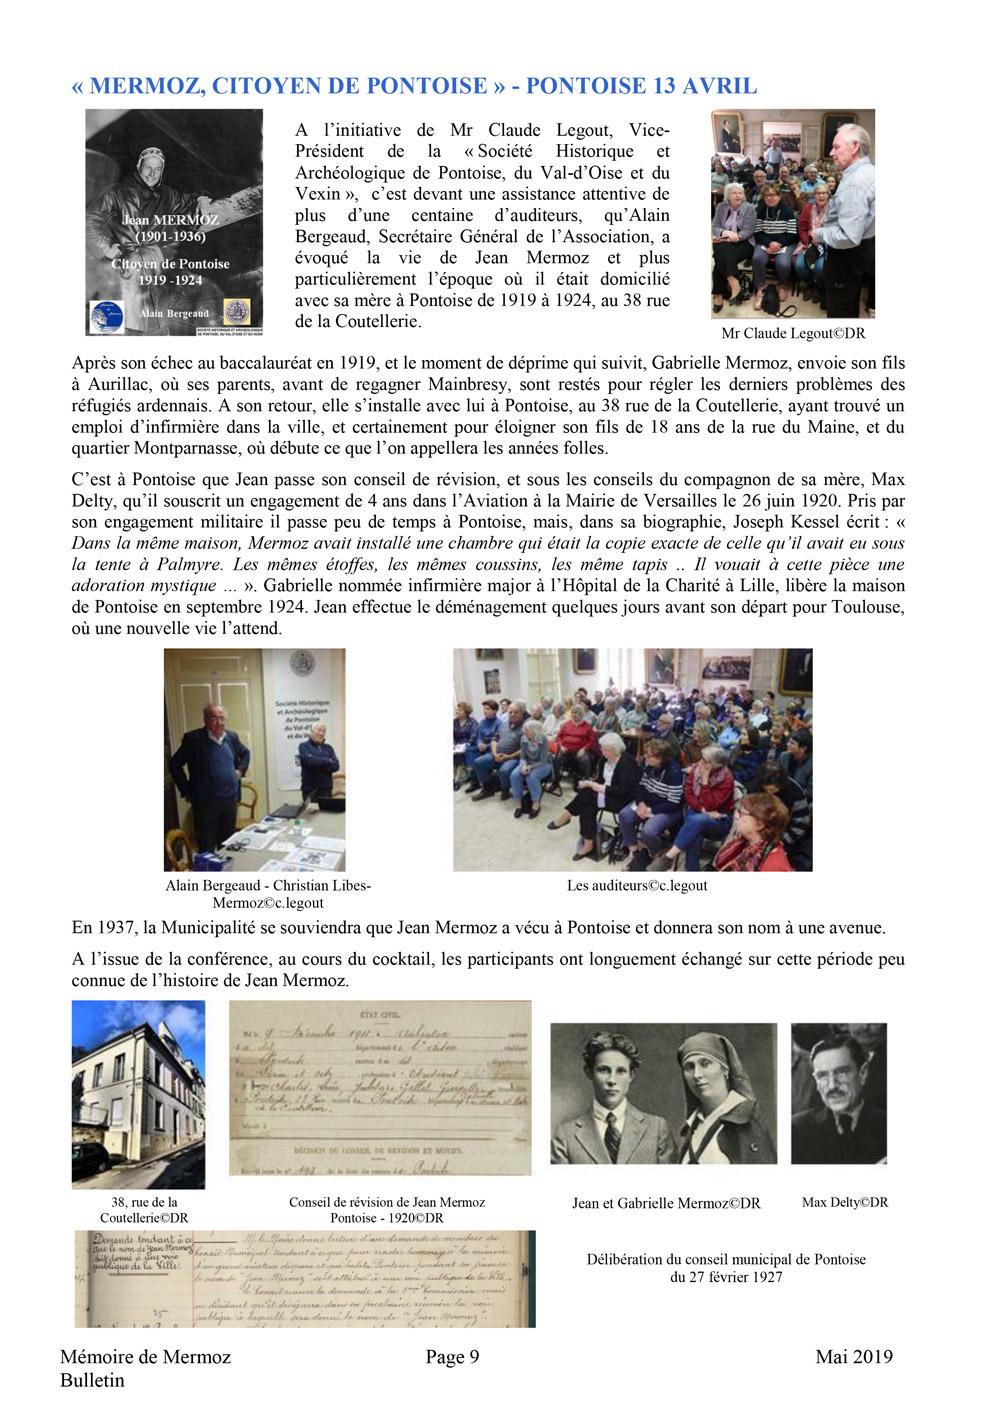 Rédactionnel Jean Mermoz citoyen de Pontoise - exposition et conférence - 13 avril 2019